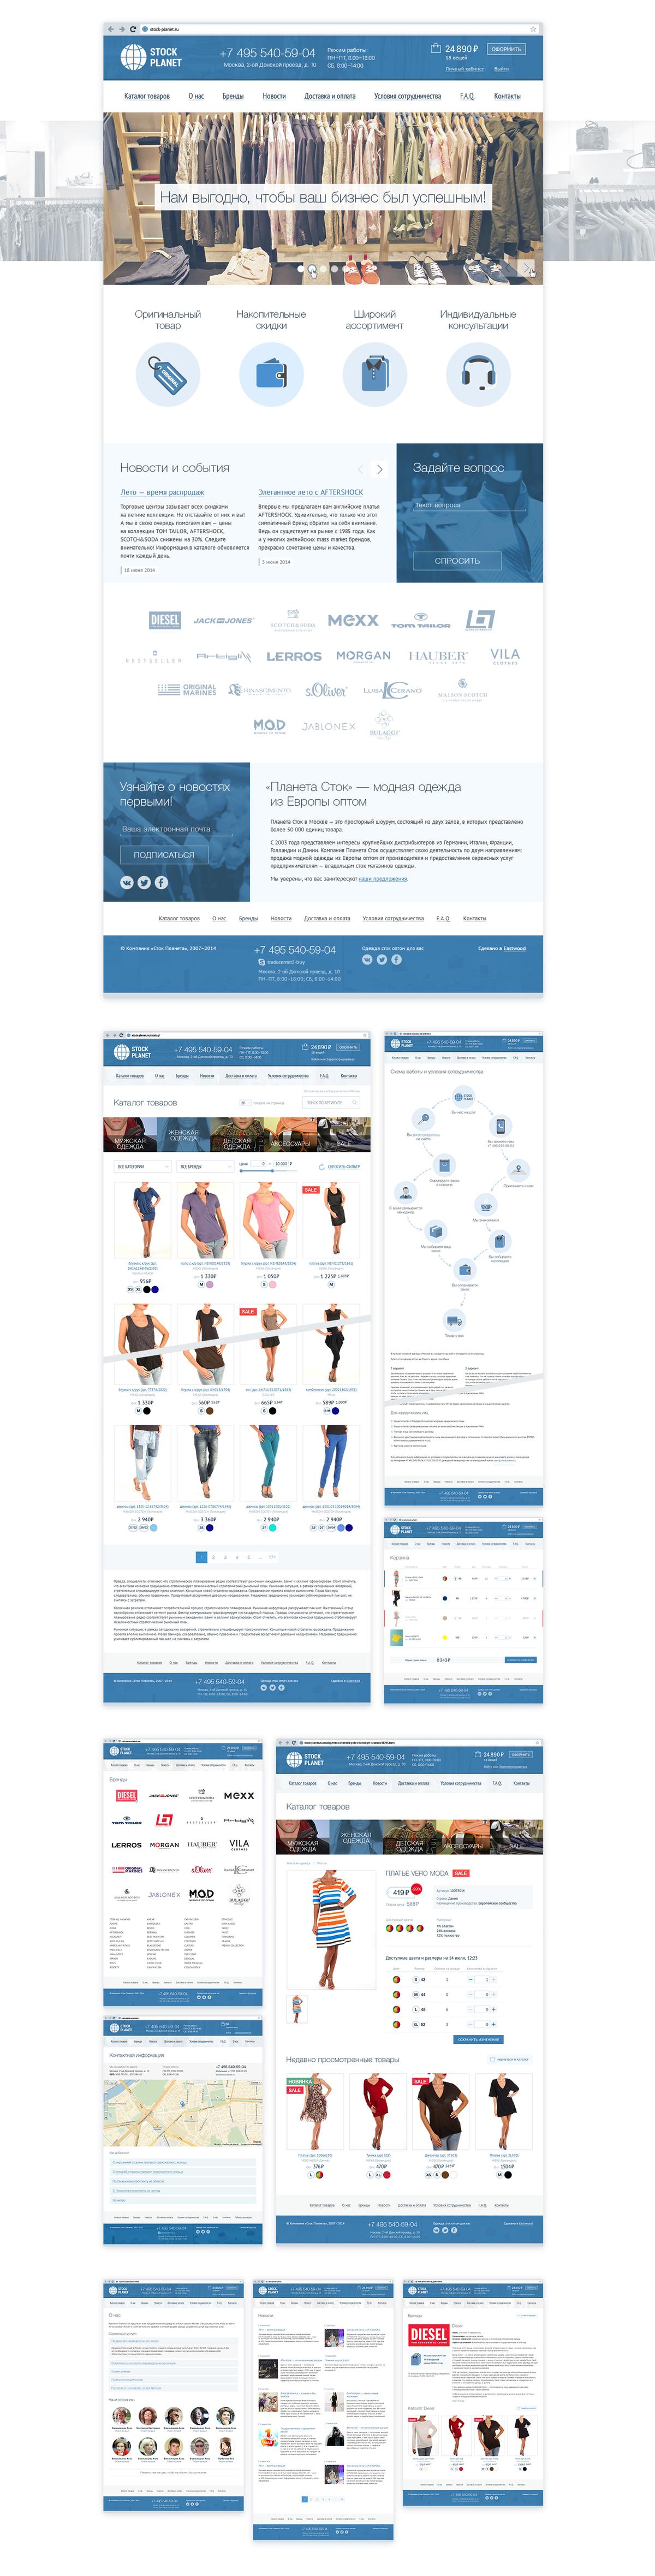 Stock Planet. Оптовый интернет-магазин одежды / Проект компании Eastwood